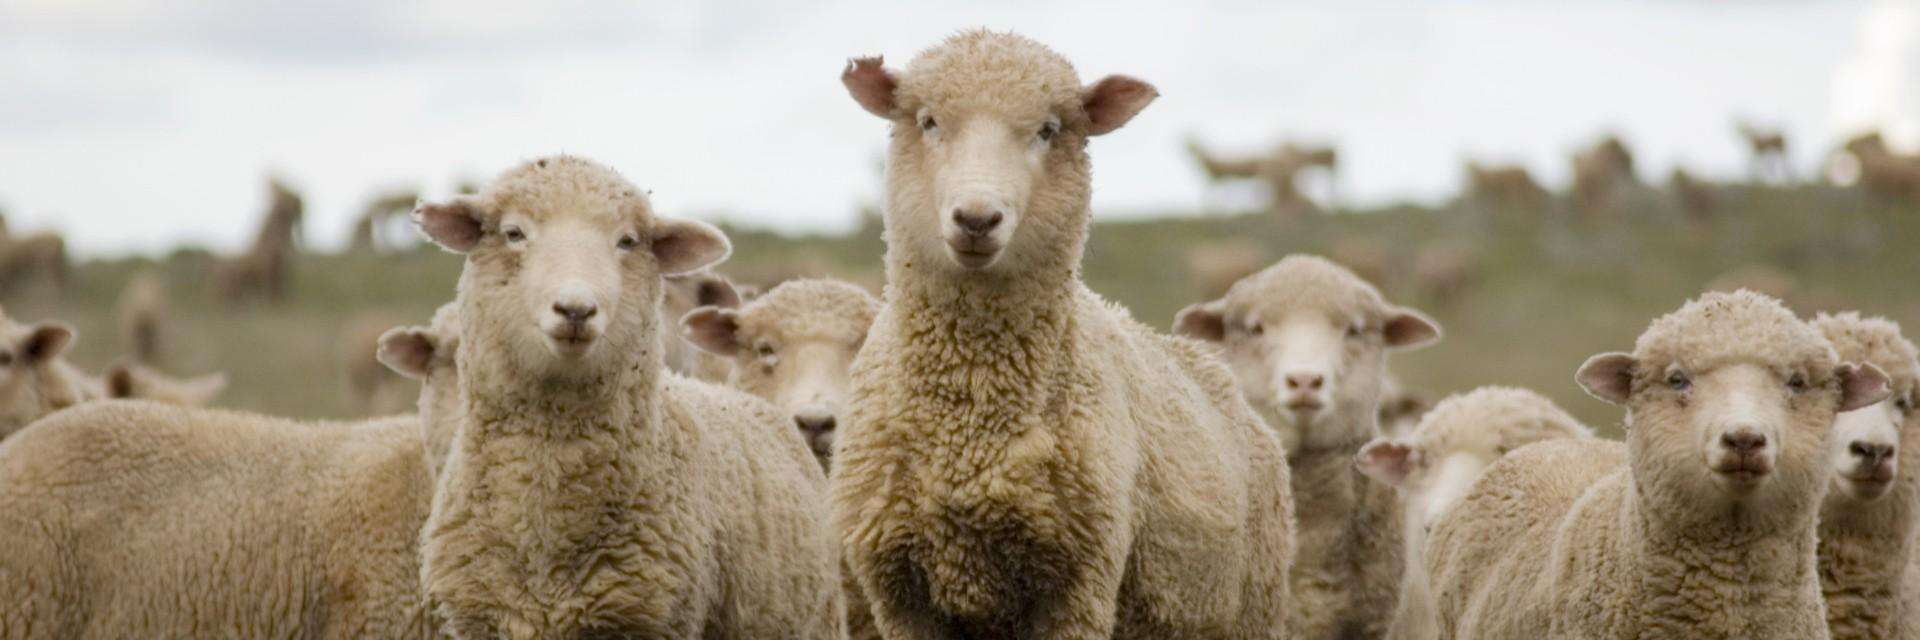 Schafe auf einer Farm in Australien